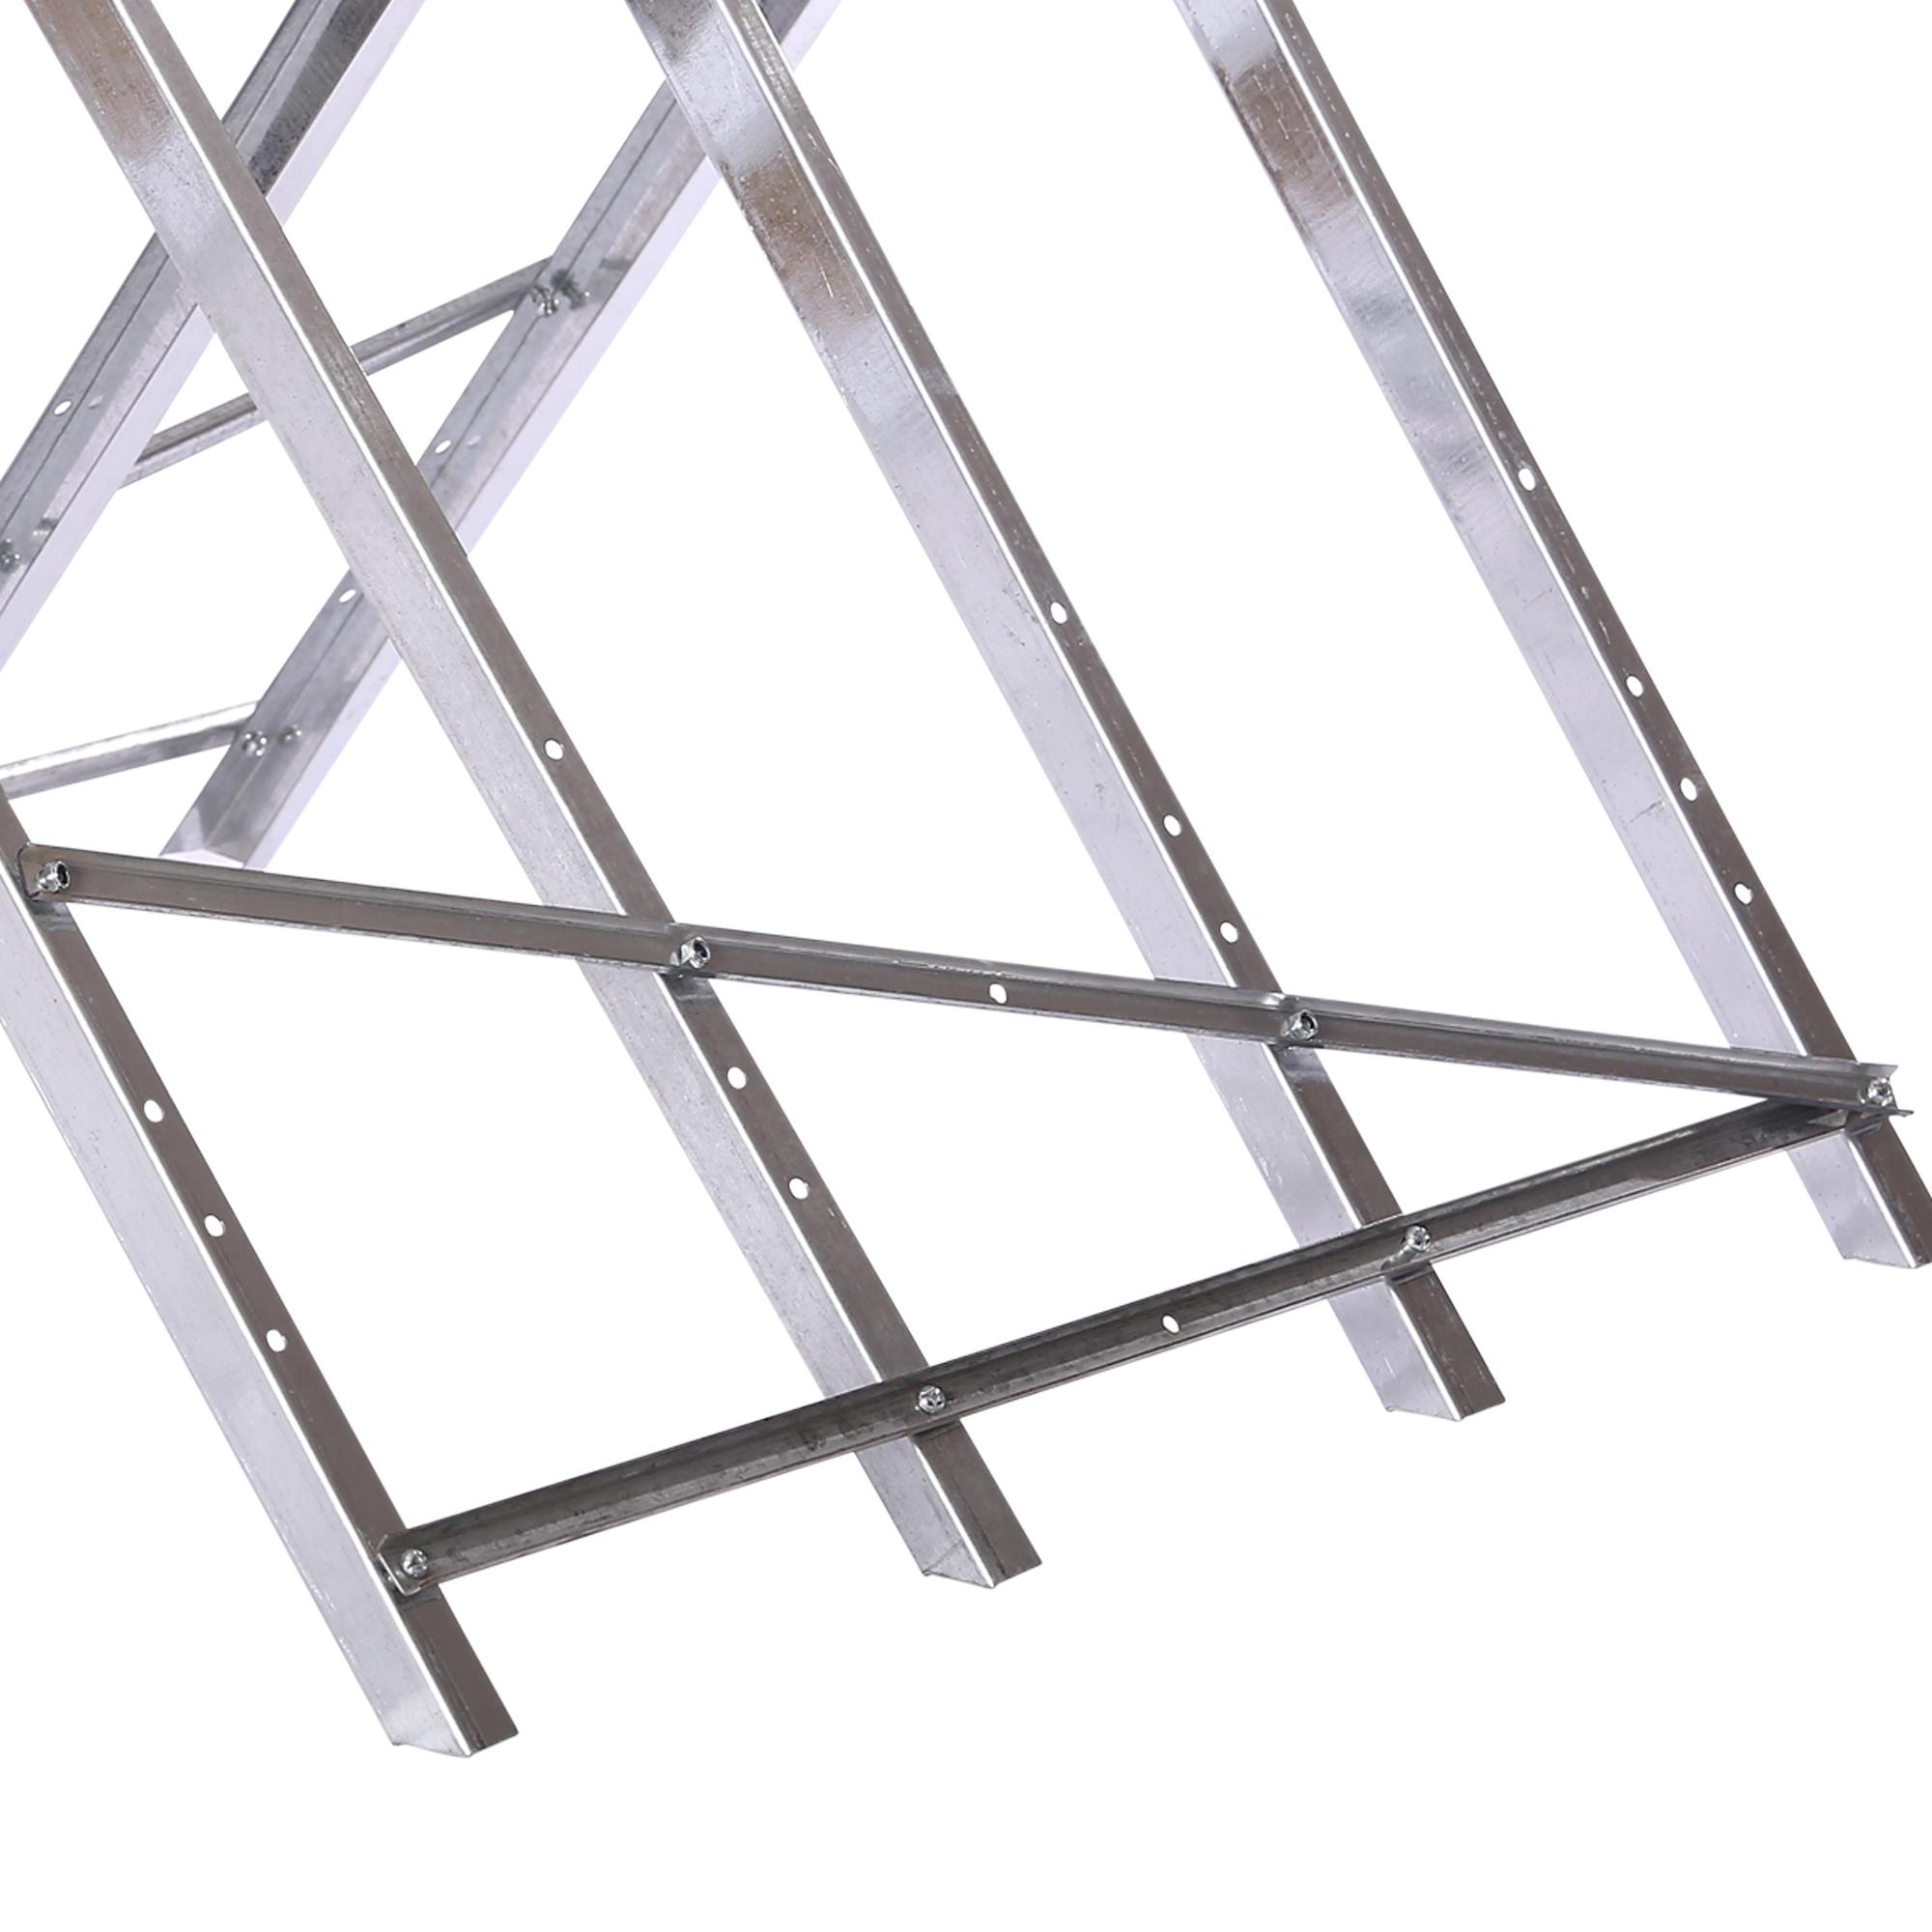 s gebock holz silber klappbar kettens ge s ge verstellbar s gehilfe metall ebay. Black Bedroom Furniture Sets. Home Design Ideas